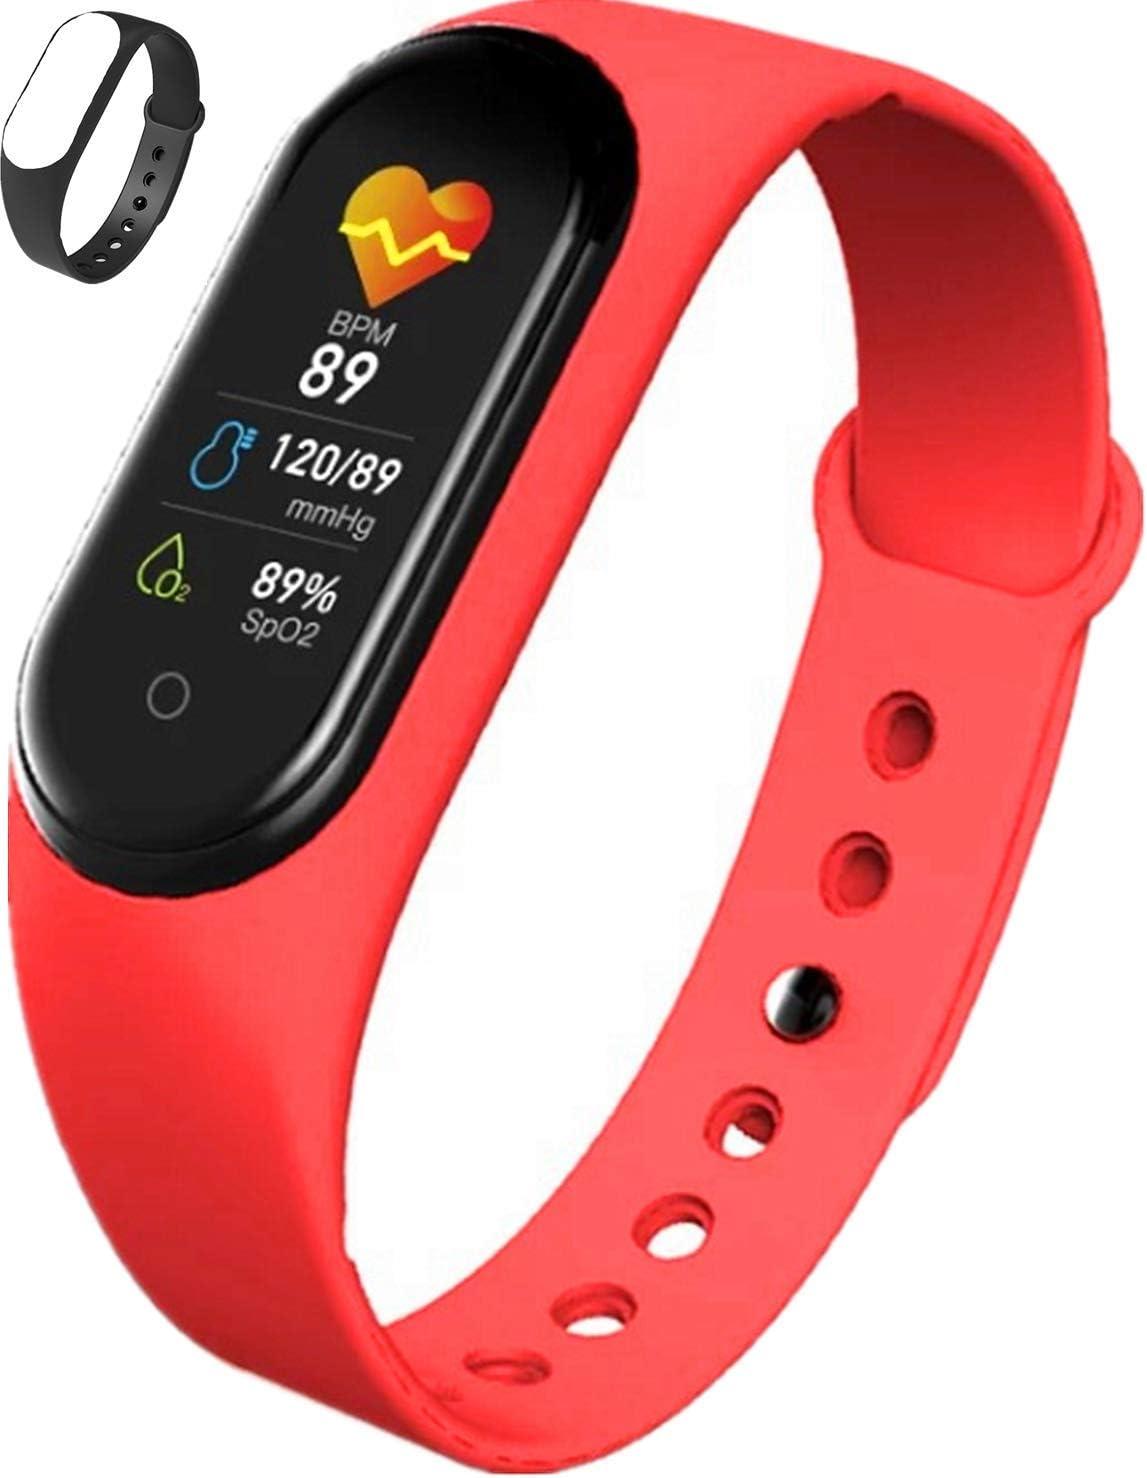 Smartwatch Fitness Tracker Hommes Femmes Moniteur de fr/équence Cardiaque Poignet Force podom/ètre activit/é Sportive